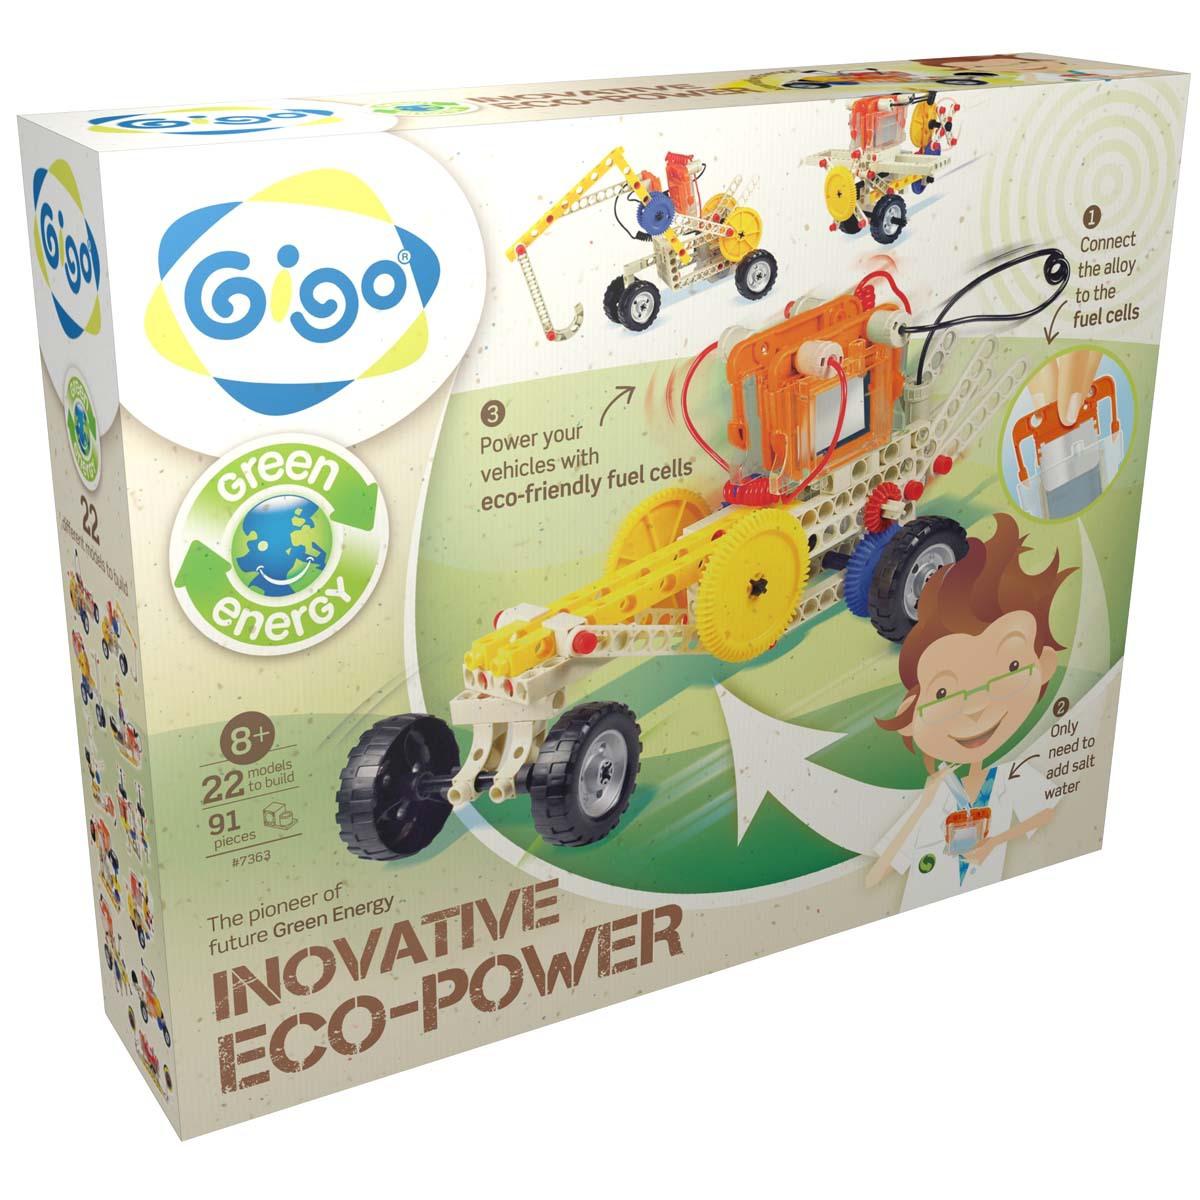 Gigo Конструктор Eco power (Гиго. Энергия соли)7363Конструктор Gigo Eco power (Гиго. Энергия соли) состоит из 91 детали, которые совместимы с другими научно-познавательными конструкторами. Ребенок может собрать 22 модели. Это лучшая игрушка для развития мелкой моторики, логики, внимания, пространственного мышления и воображения. Игра с конструктором помогает ребенку стать усидчивым и учит сосредоточенности.